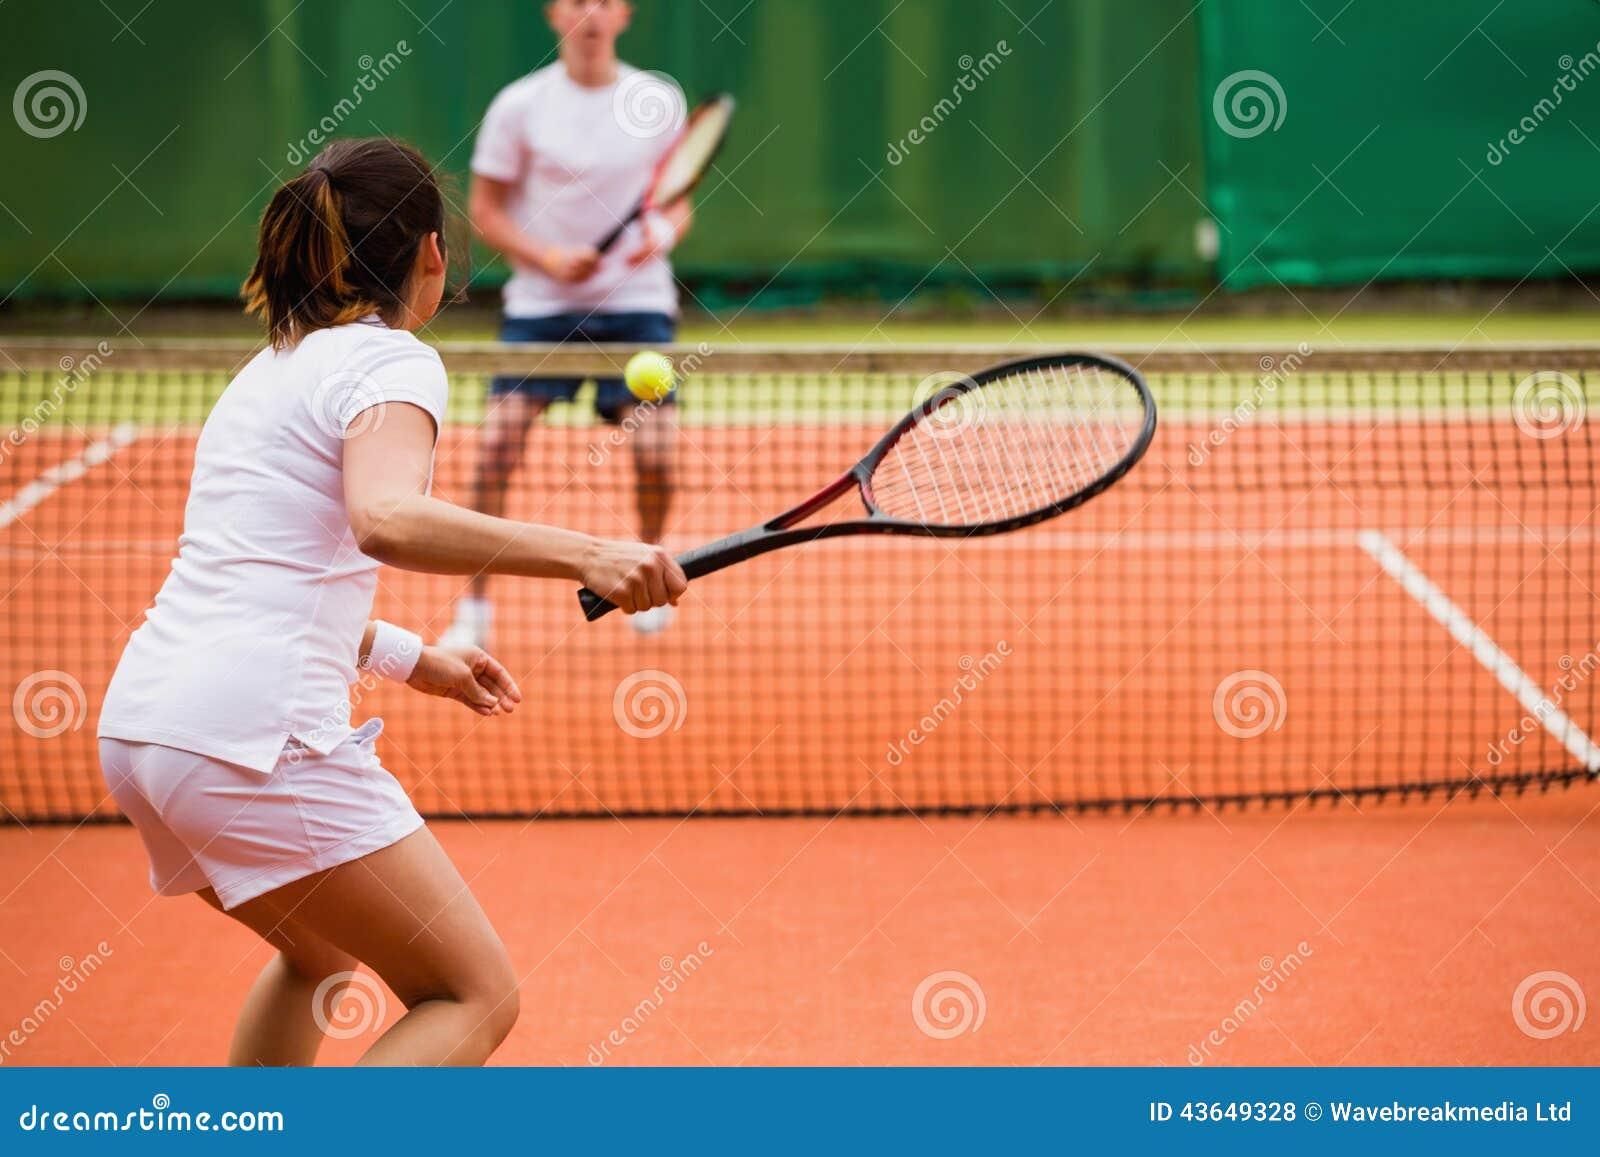 Joueurs de tennis jouant un match sur la cour